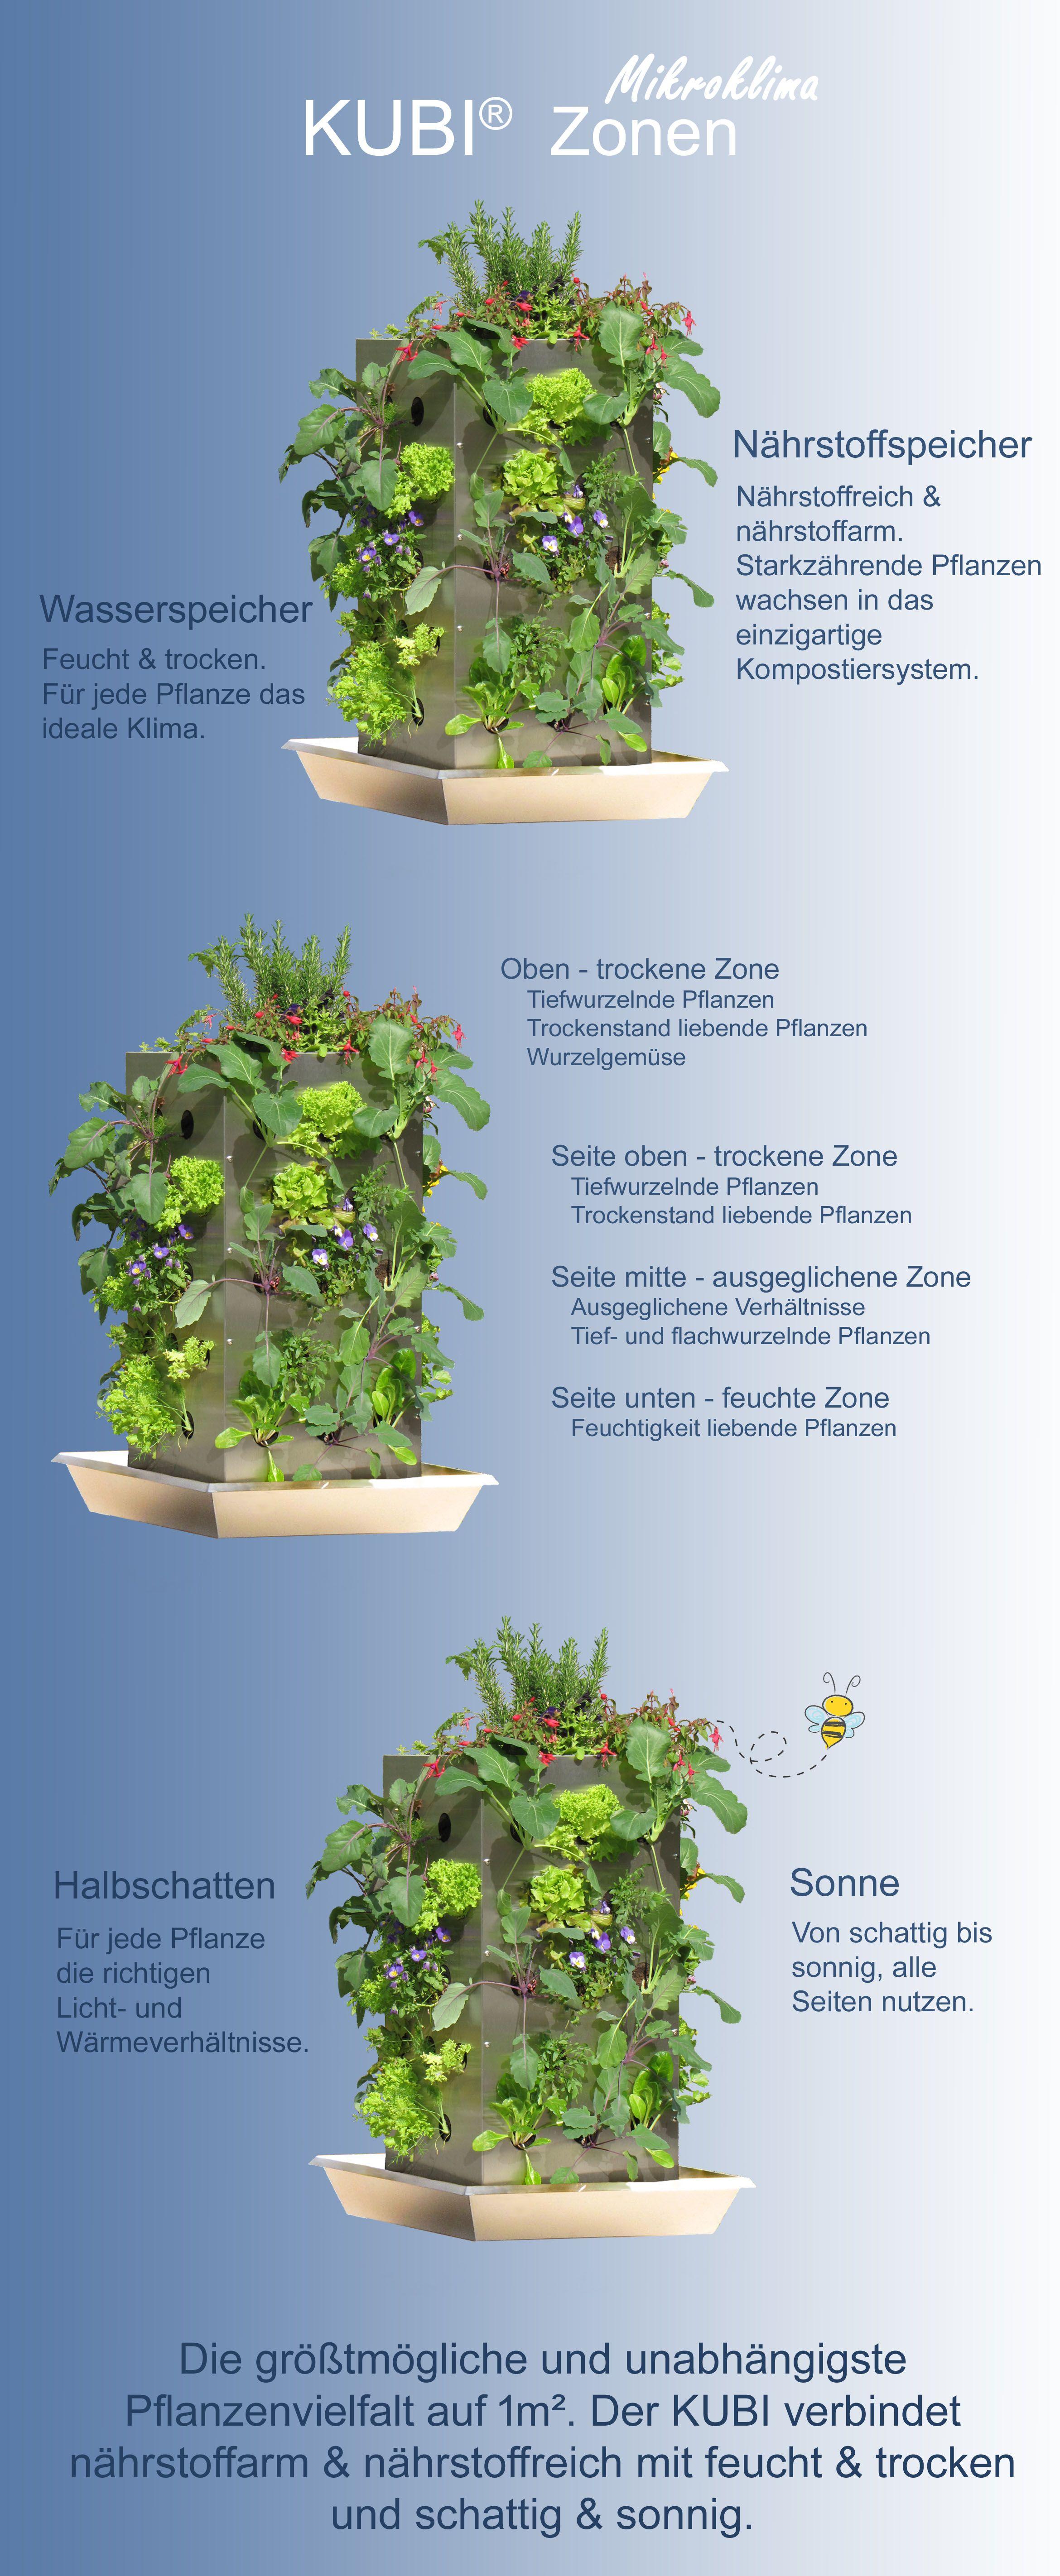 kubi - balkonhochbeet - mikroklima nutzen auf balkon oder terrasse